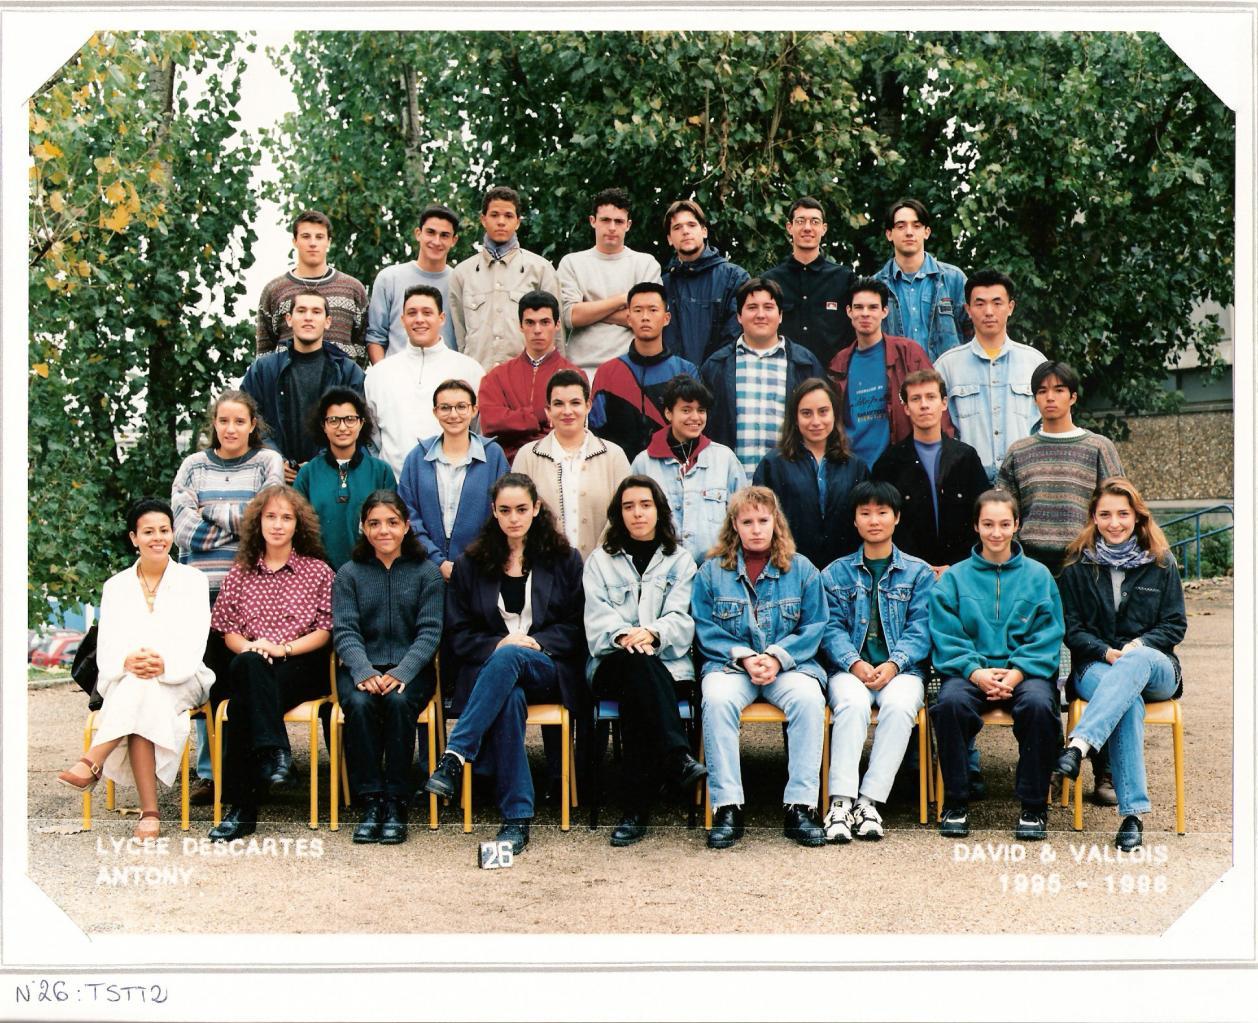 1996 - TSTT2